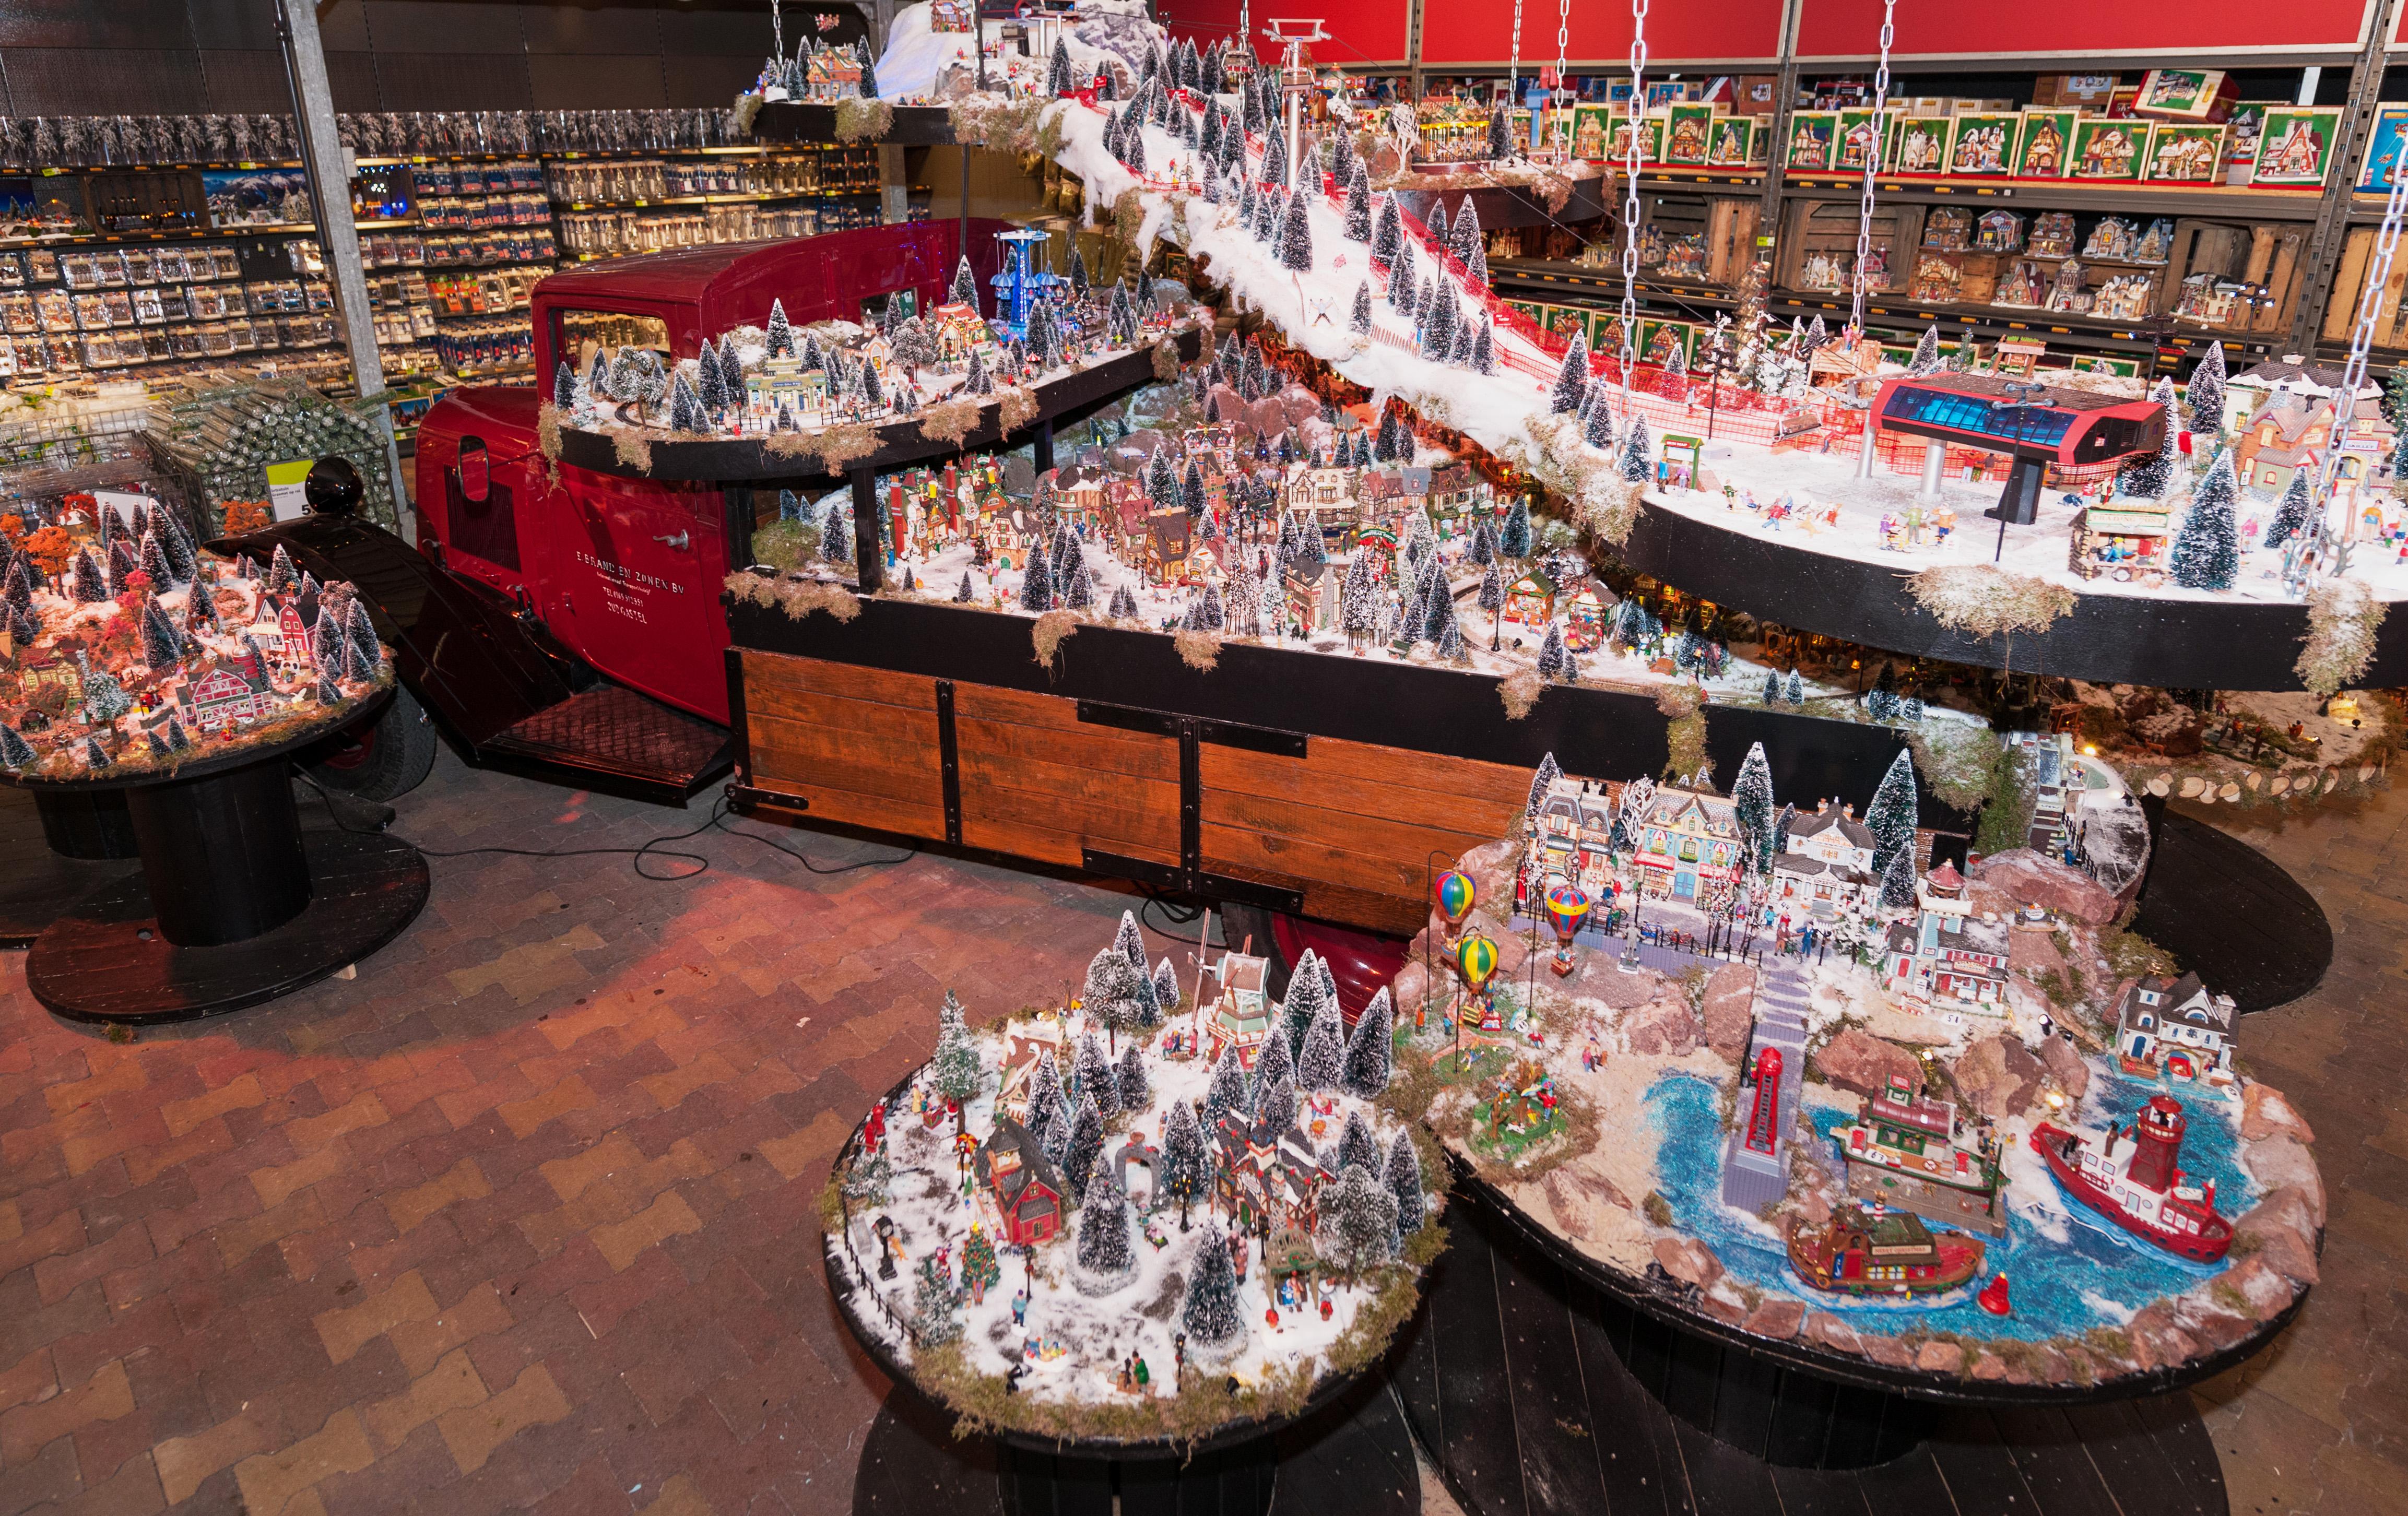 Kerstshoppen bij de grootste intratuin van nederland is for Intratuin openingstijden